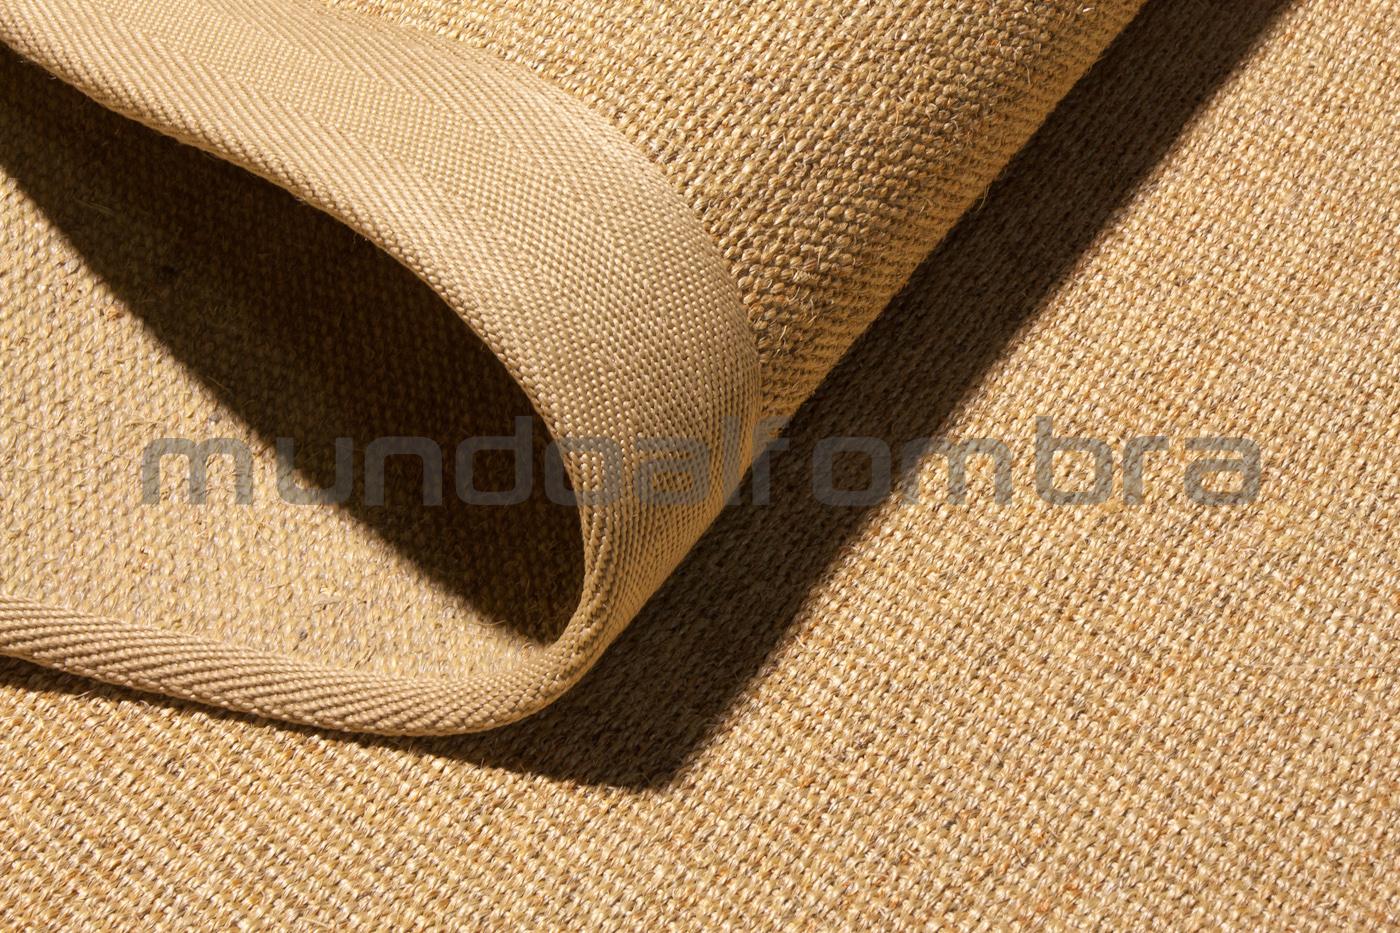 alfombra de sisal modelo Ibiza disponible en mundoalfombra.com